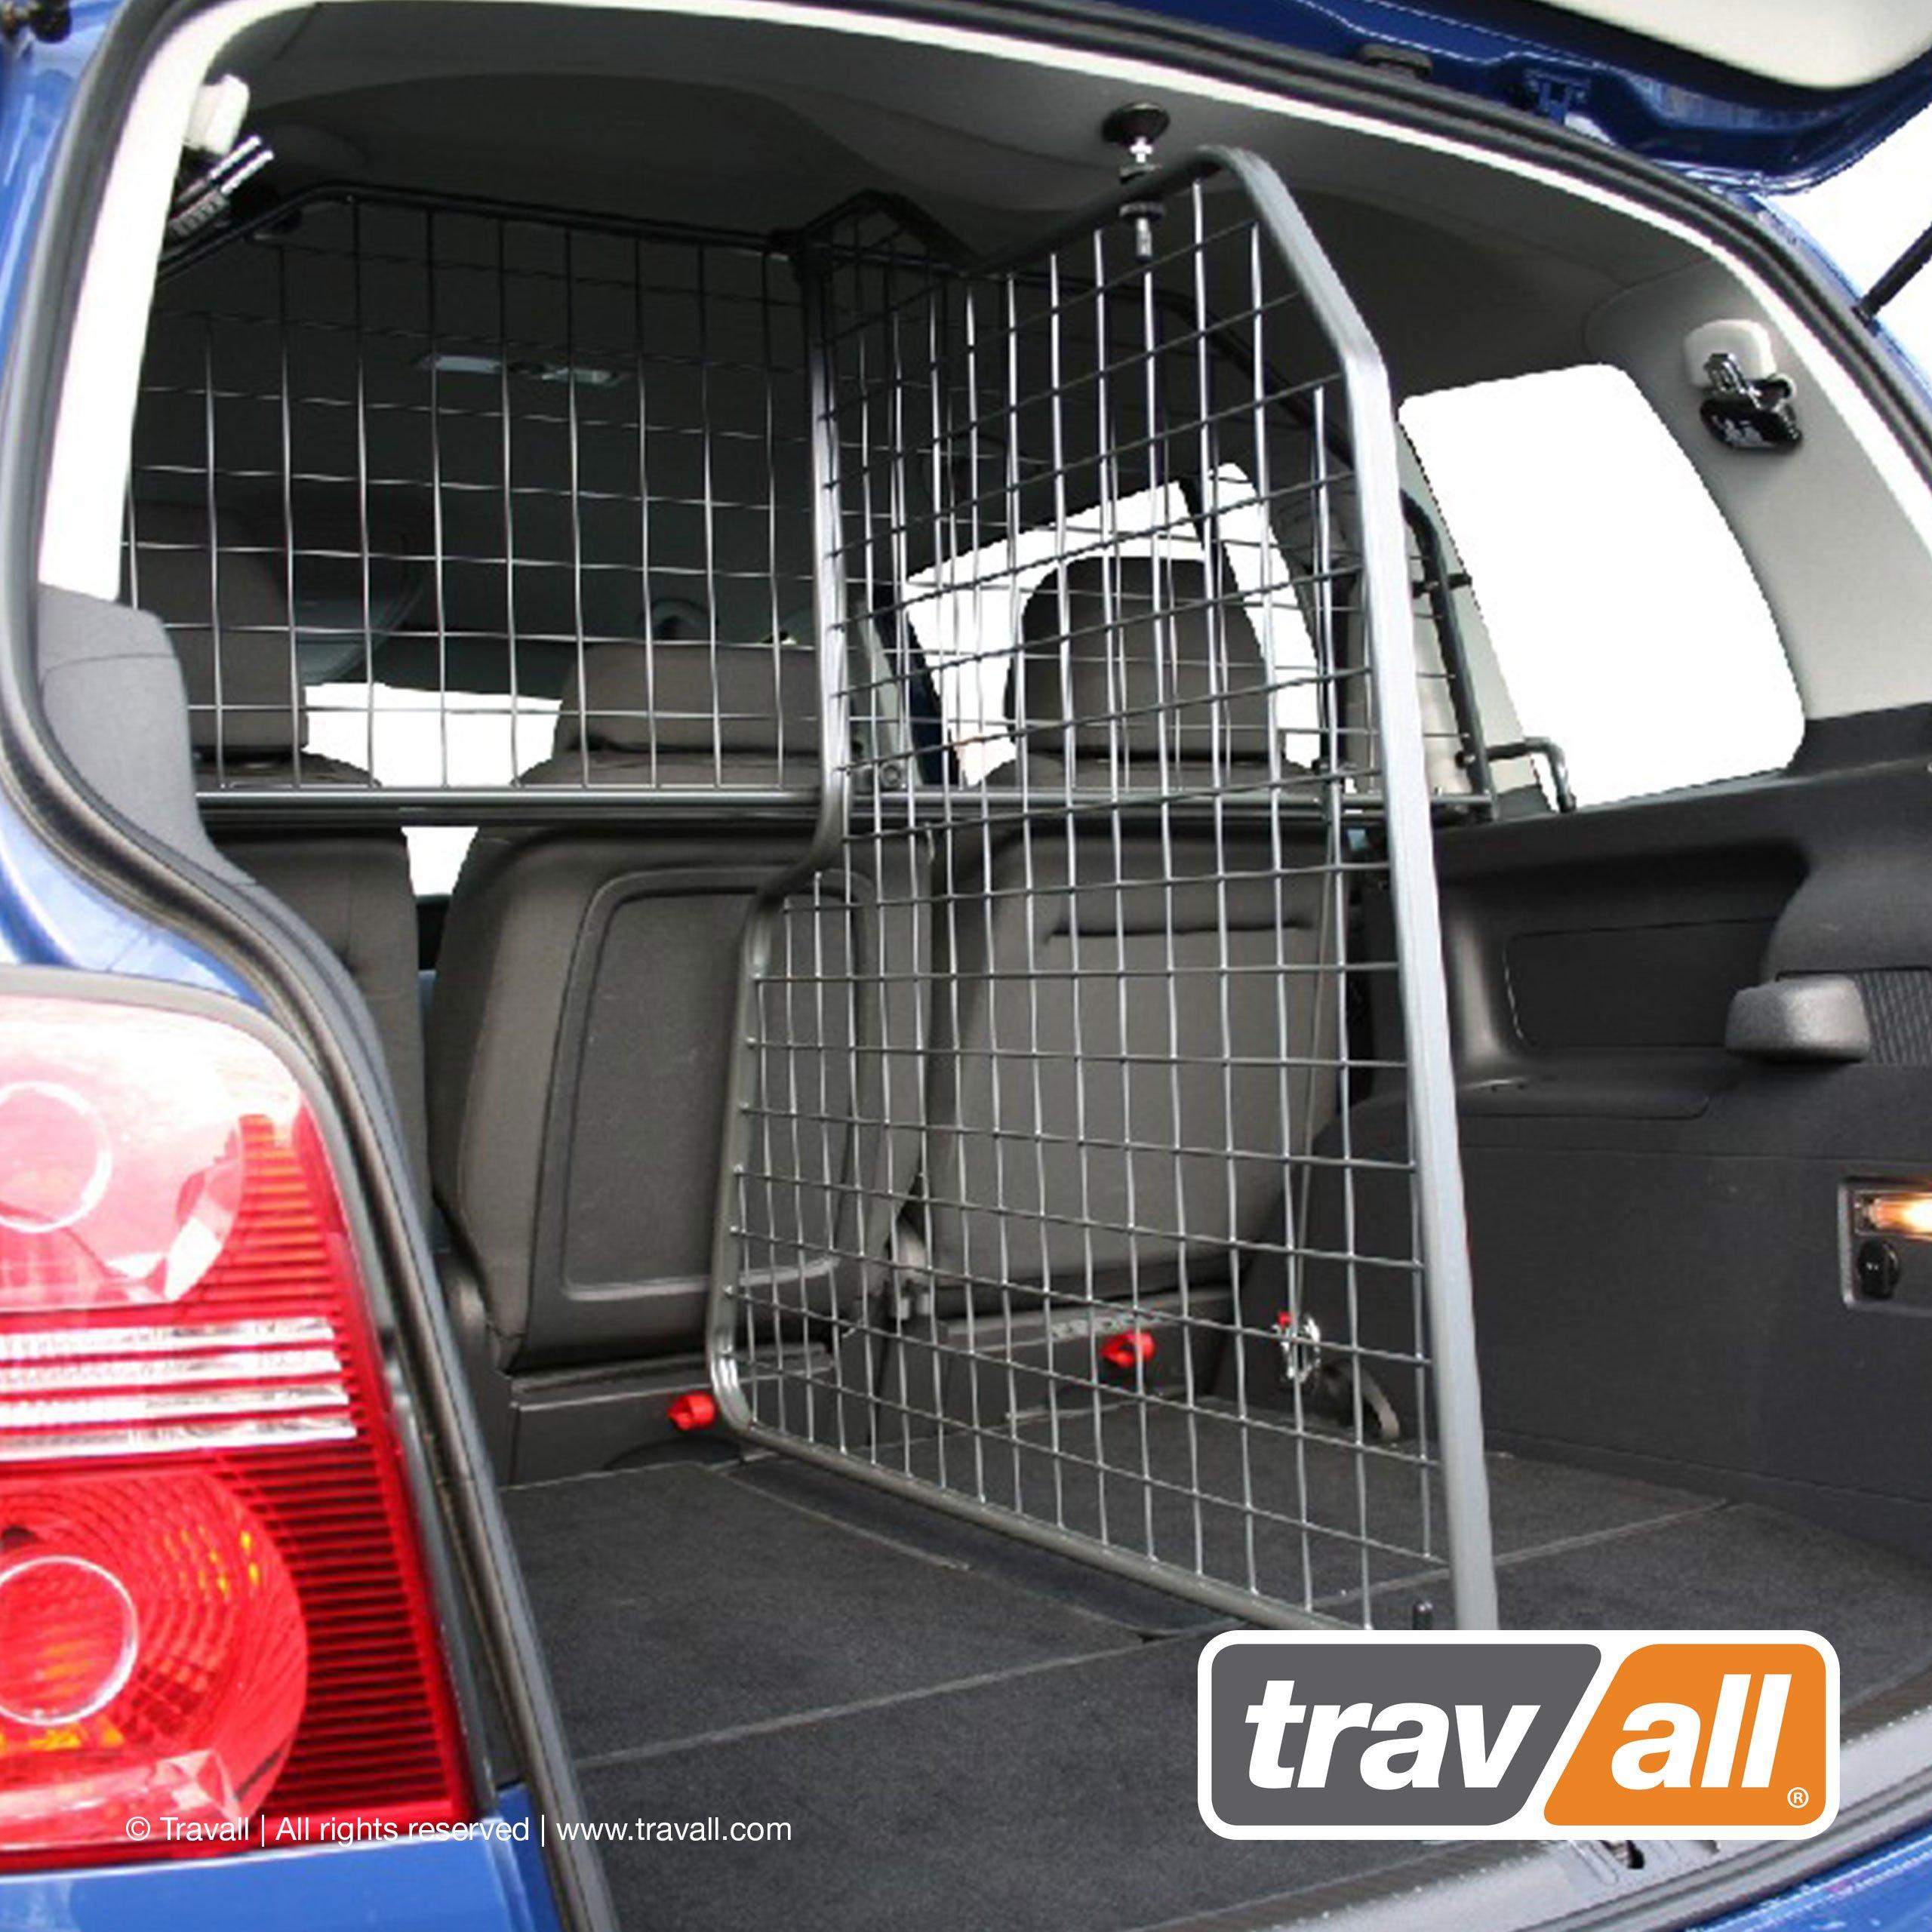 cloison de coffre volkswagen touran 2003 meovia boutique d 39 accessoires automobiles. Black Bedroom Furniture Sets. Home Design Ideas